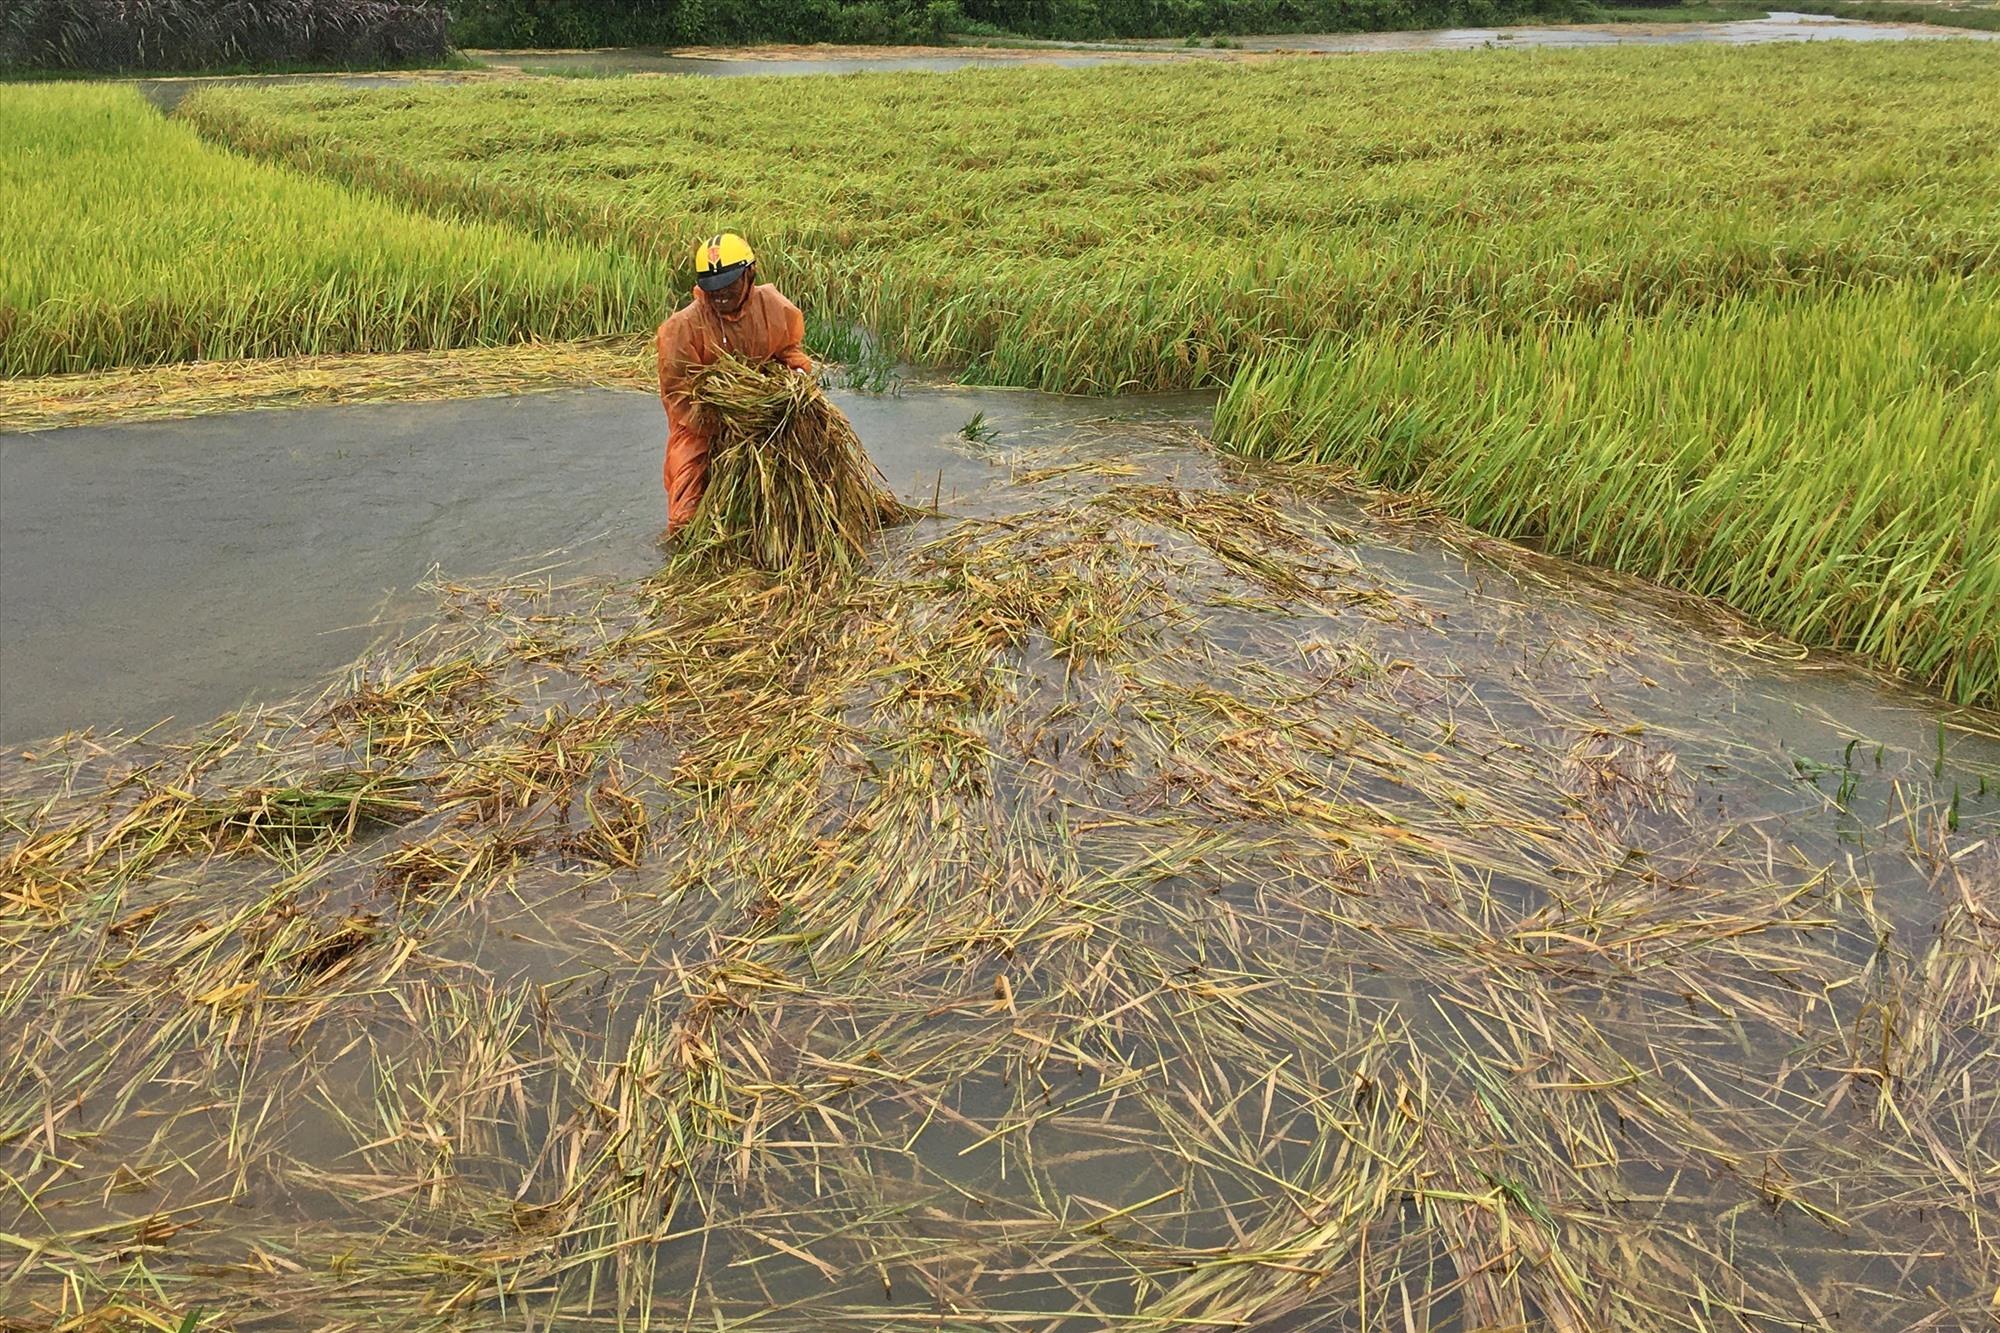 Nông dân Trần Văn Phấn đội mưa để bảo vệ các ruộng lúa. Ảnh: Đ.C